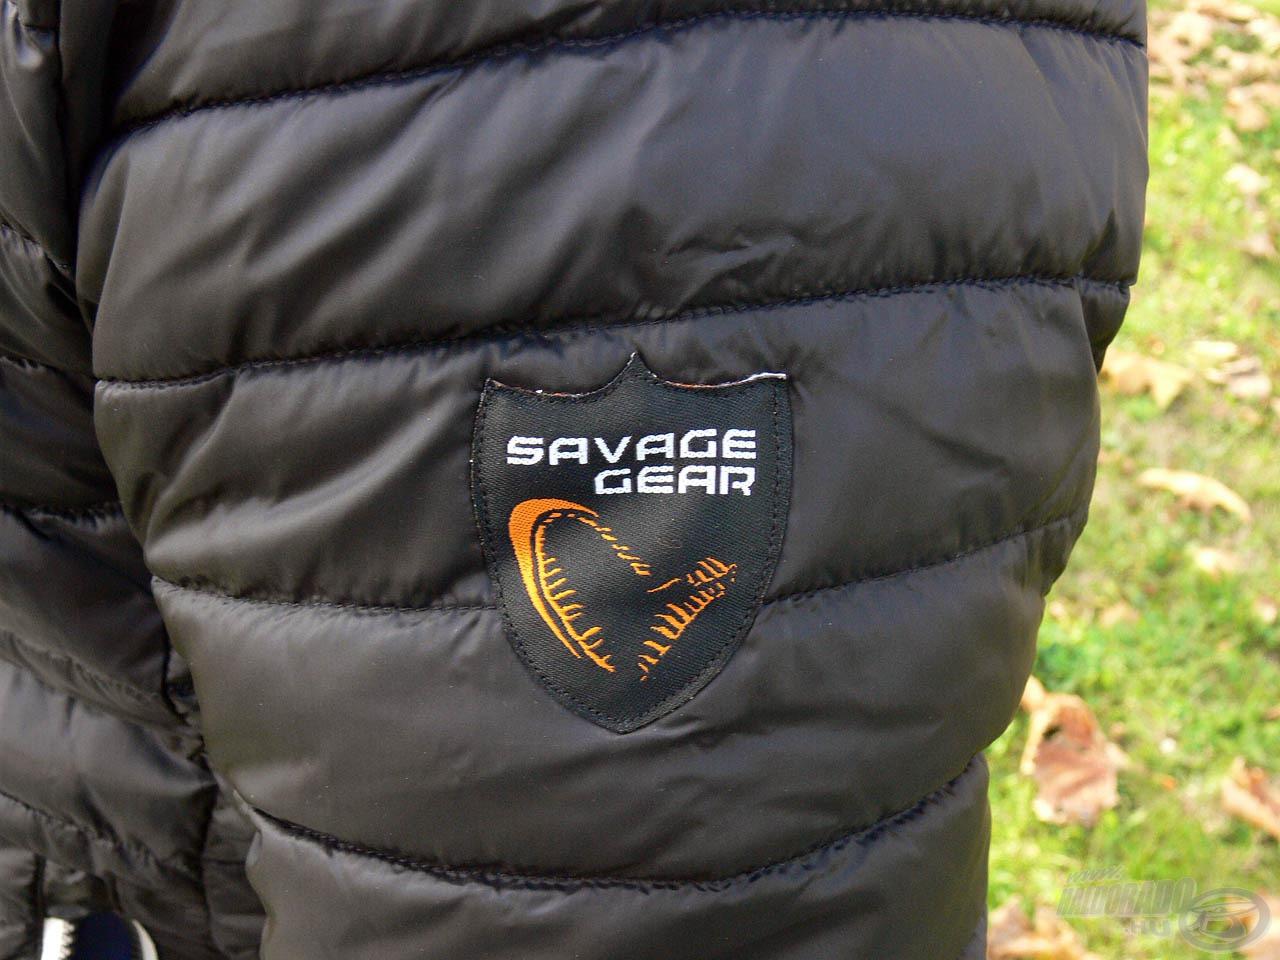 Igényes, hímzett Savage Gear logó teszi teljessé a terméket